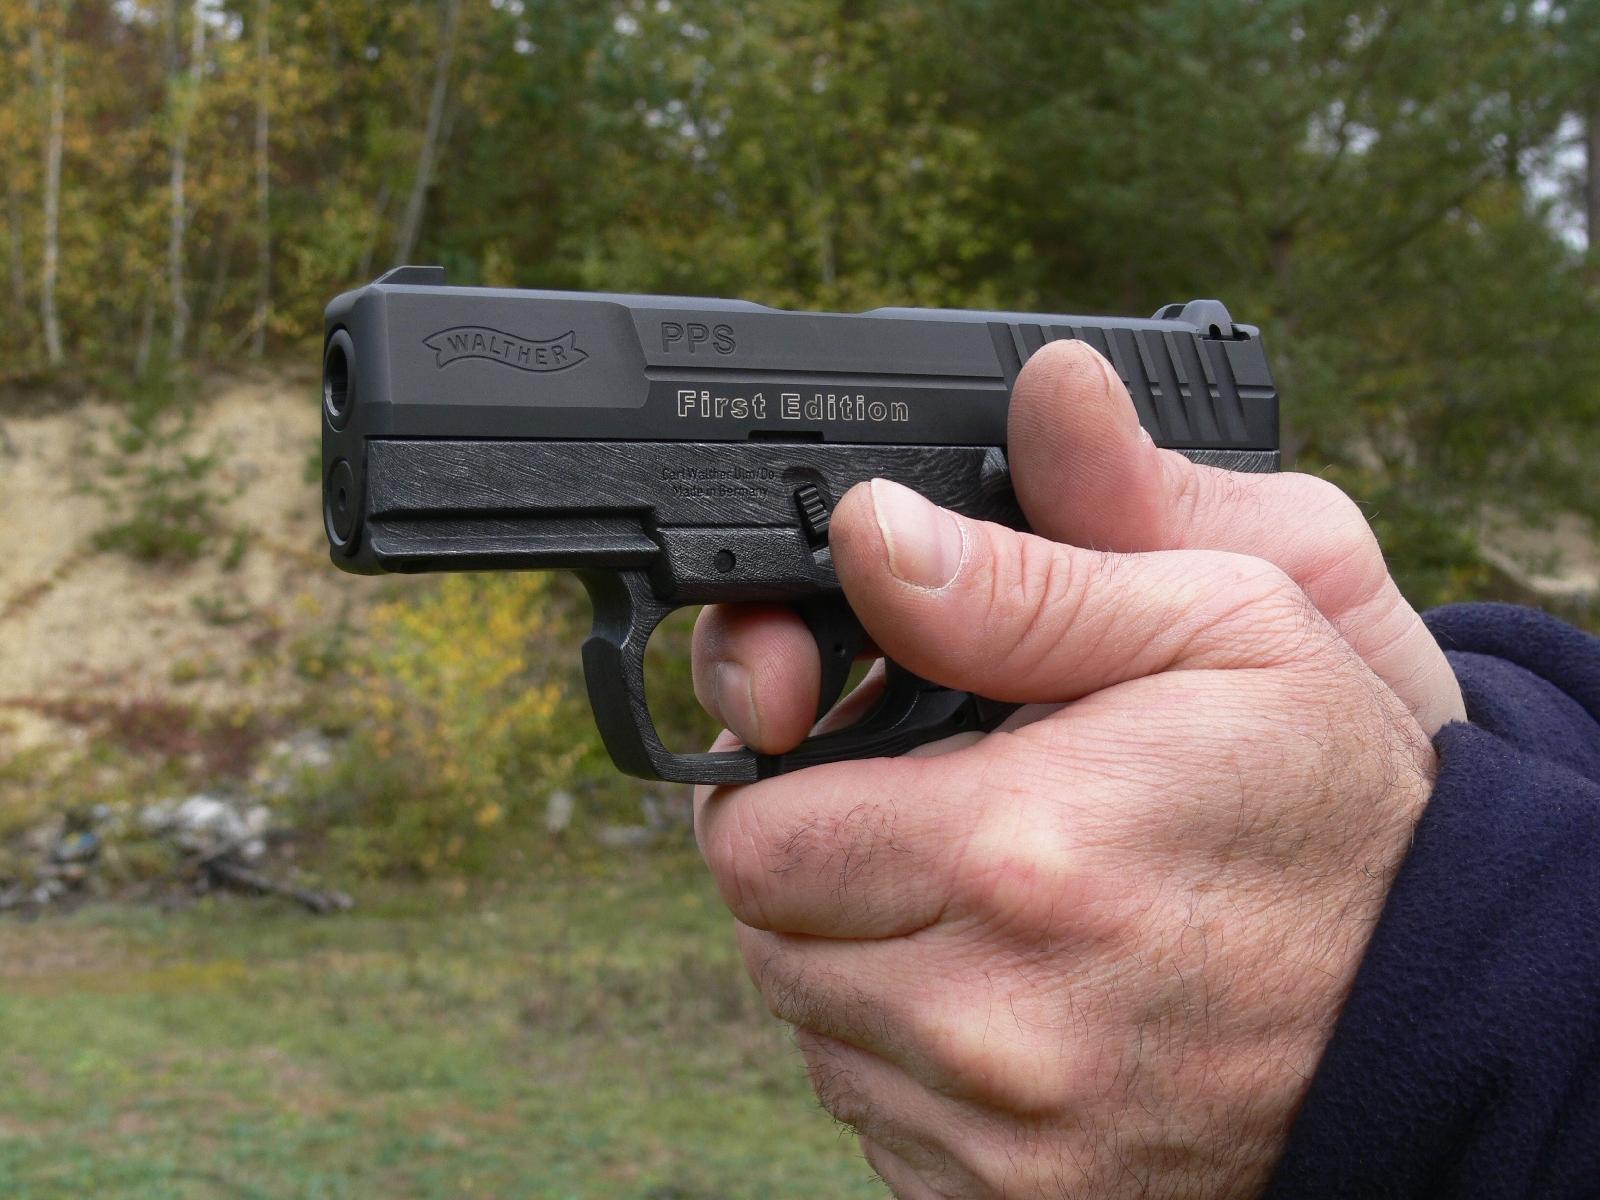 Pistolet Walther modèle PPS en calibre 9mm Parabellum lors de notre banc d'essai réalisé en 2007.